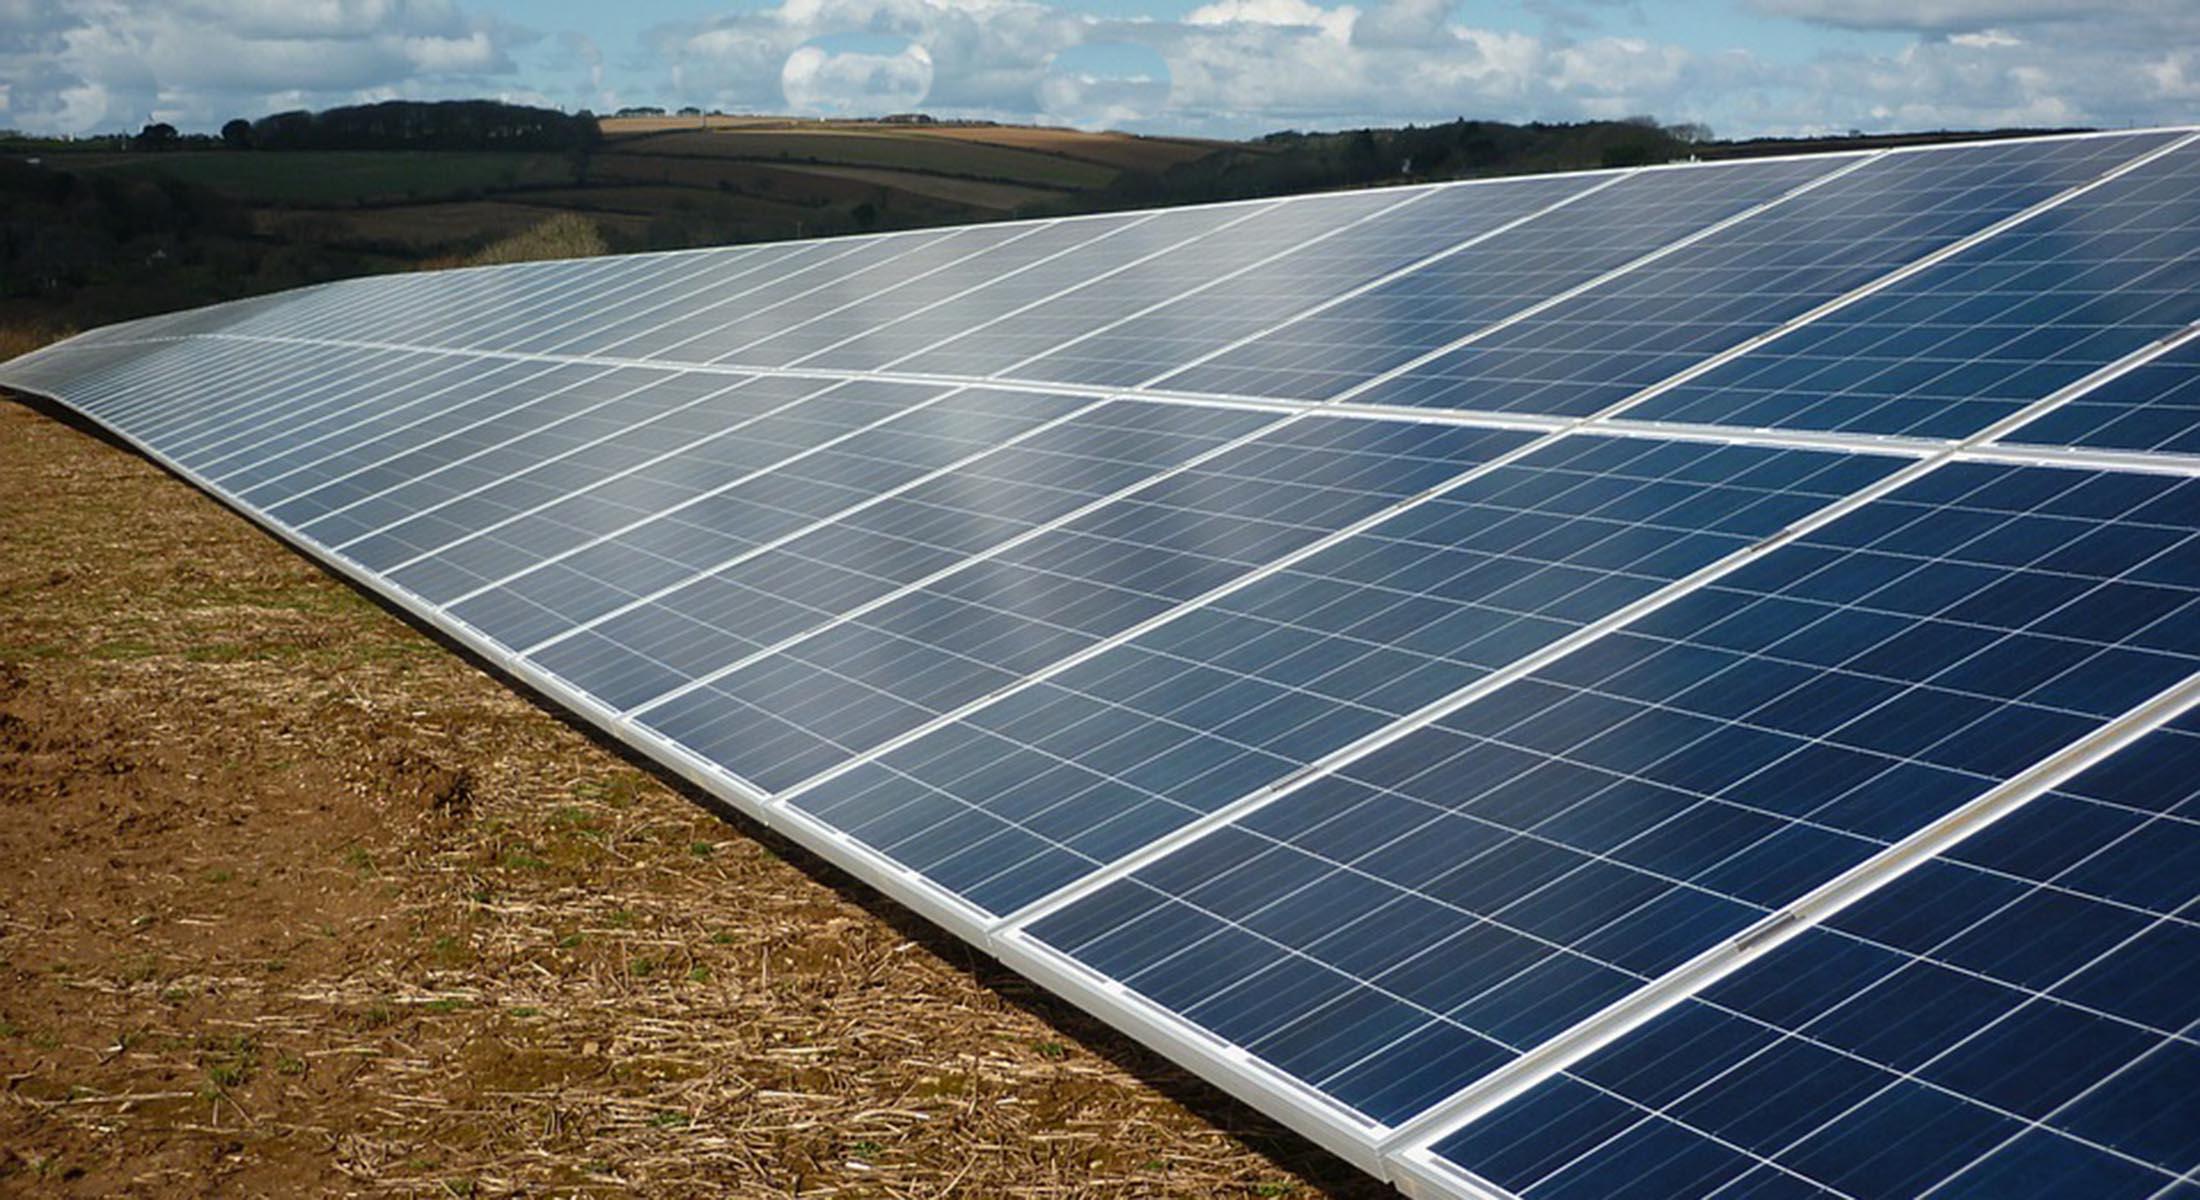 Ferme solaire. Terres agricoles jusqu au milieu des années 80, les 46  hectares (aujourd hui propriété communale) des Arrachis ont ensuite servi à  accueillir ... f900a0469f61